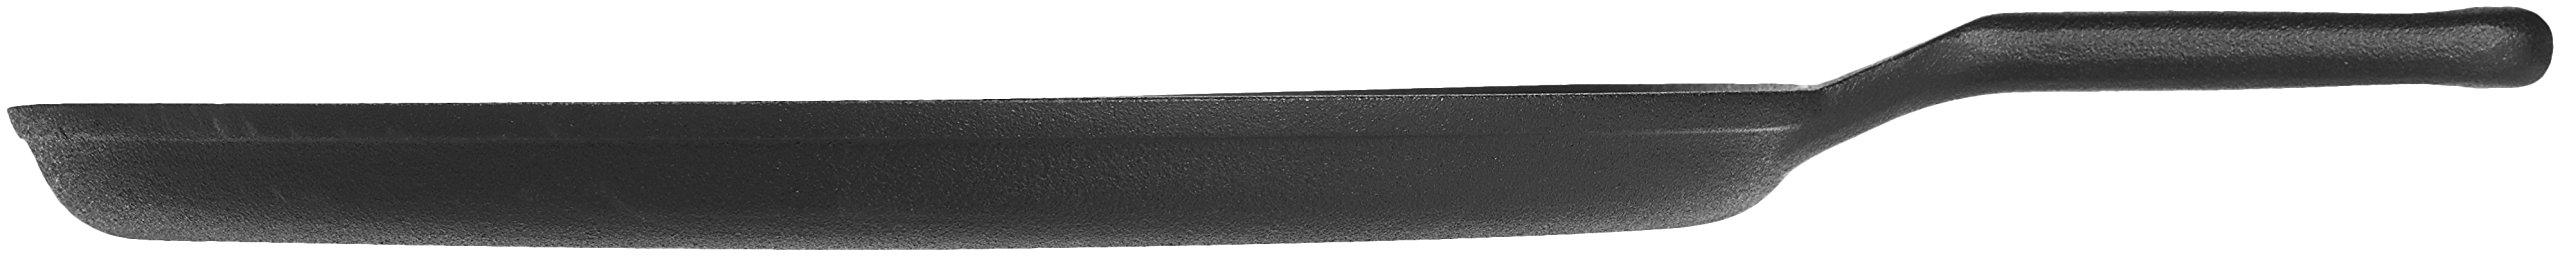 AmazonBasics Pre-Seasoned Cast Iron Round Griddle - 10.5-Inch by AmazonBasics (Image #5)